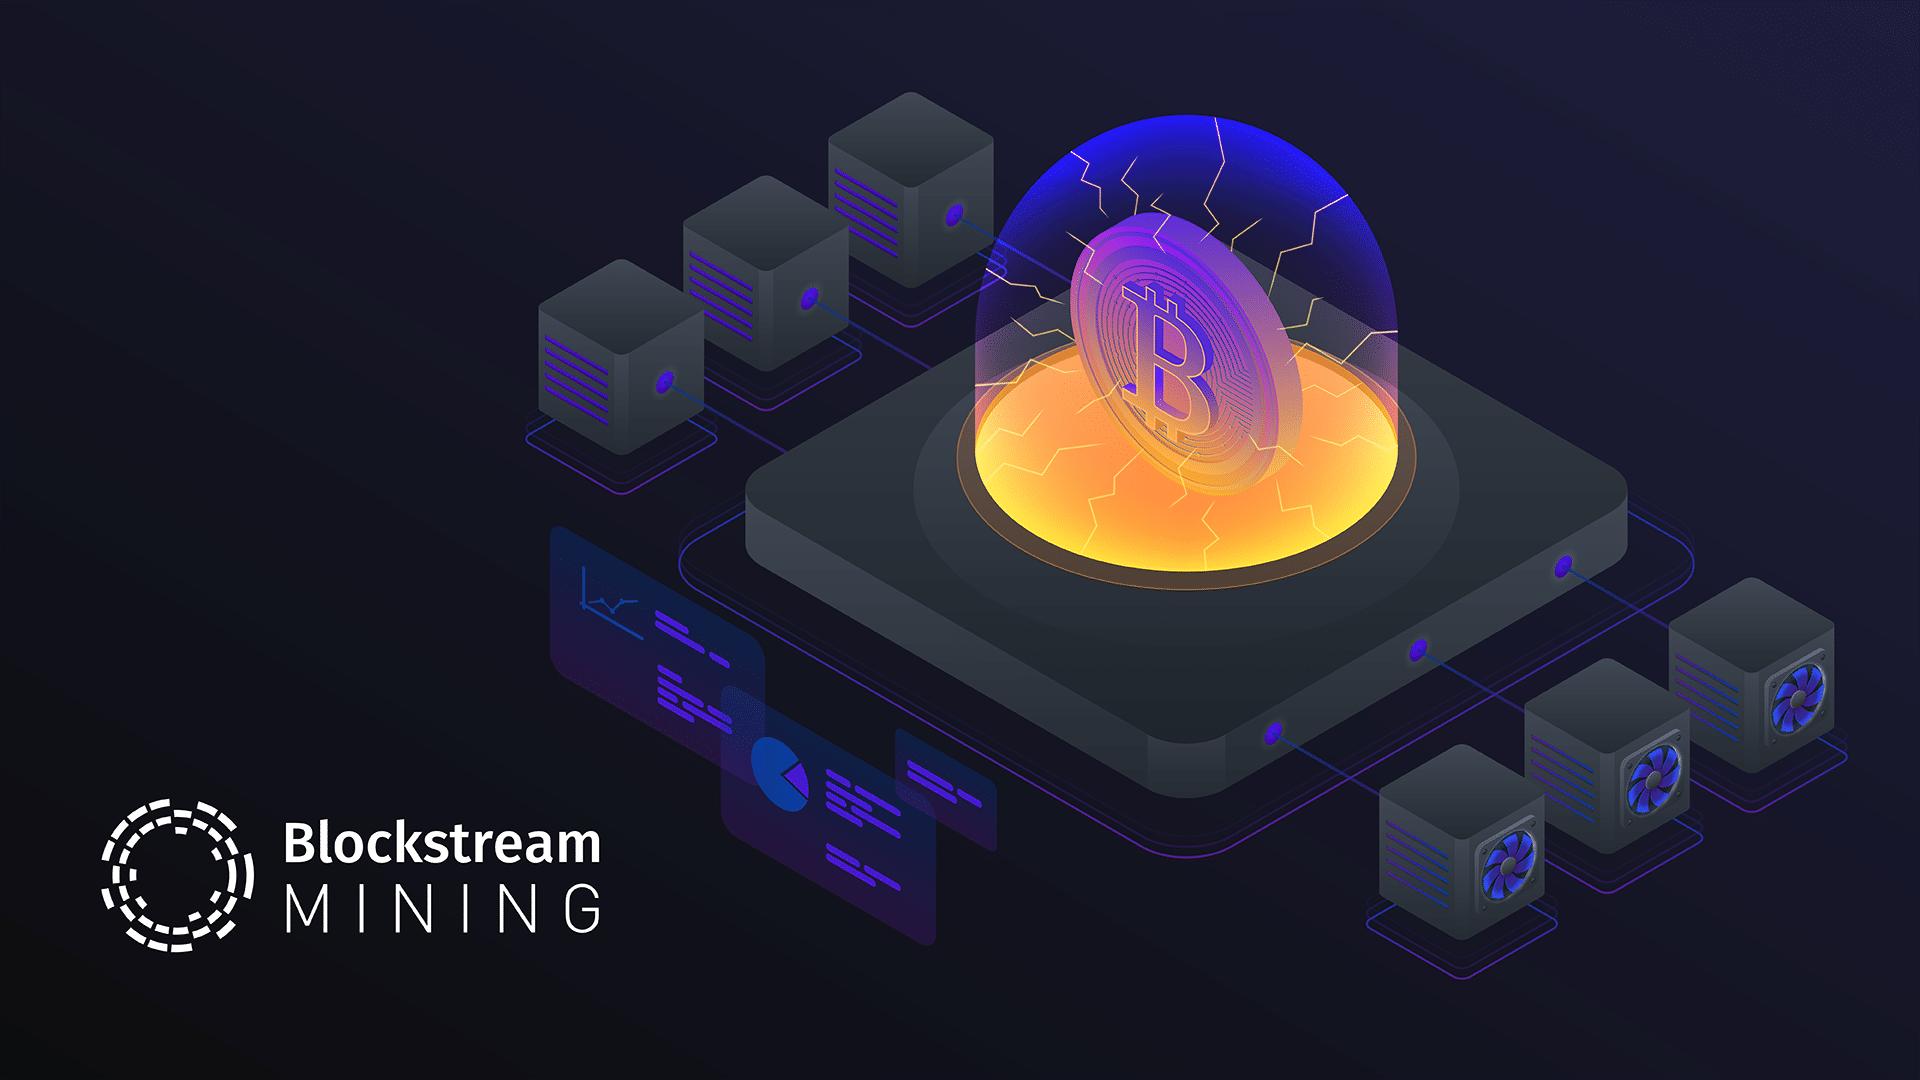 Blockstream annuncia la propria mining pool